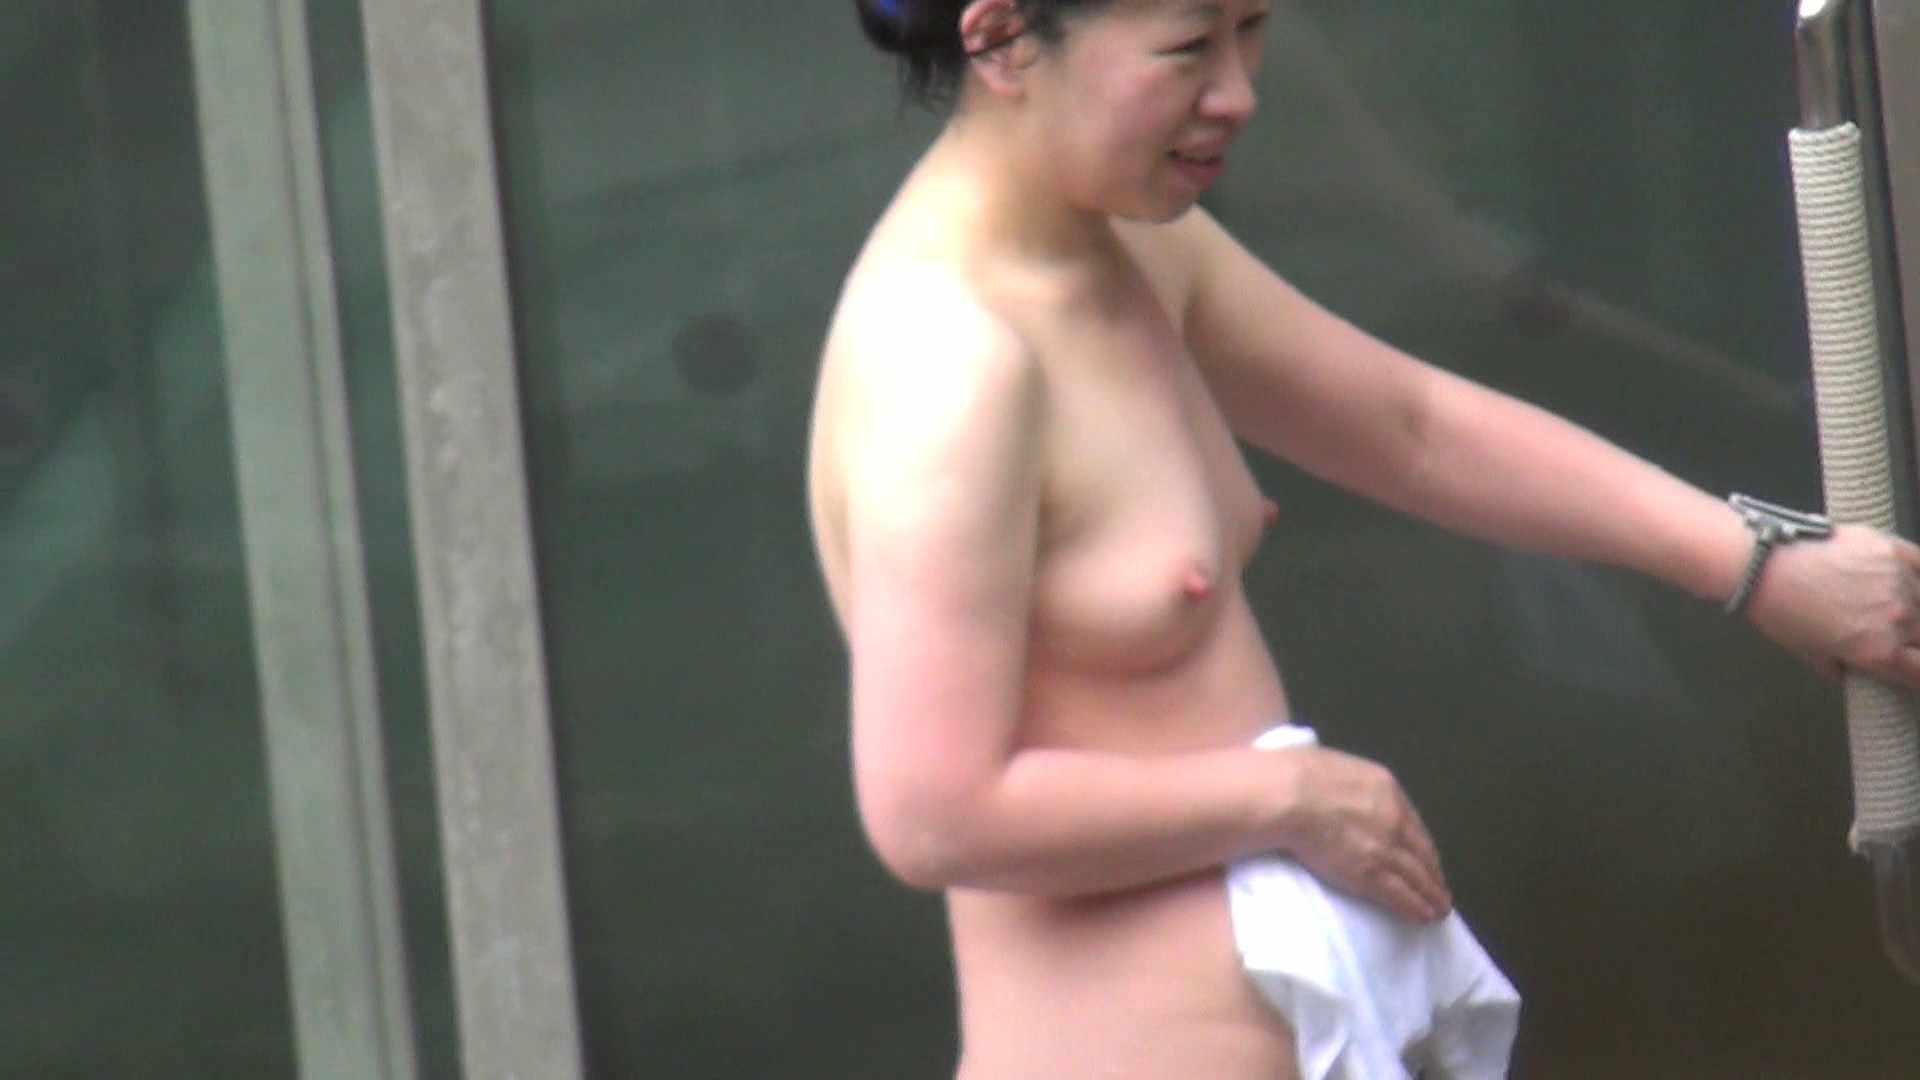 ハイビジョンVol.10 美女盛り合わせ No.4 OL  62pic 46